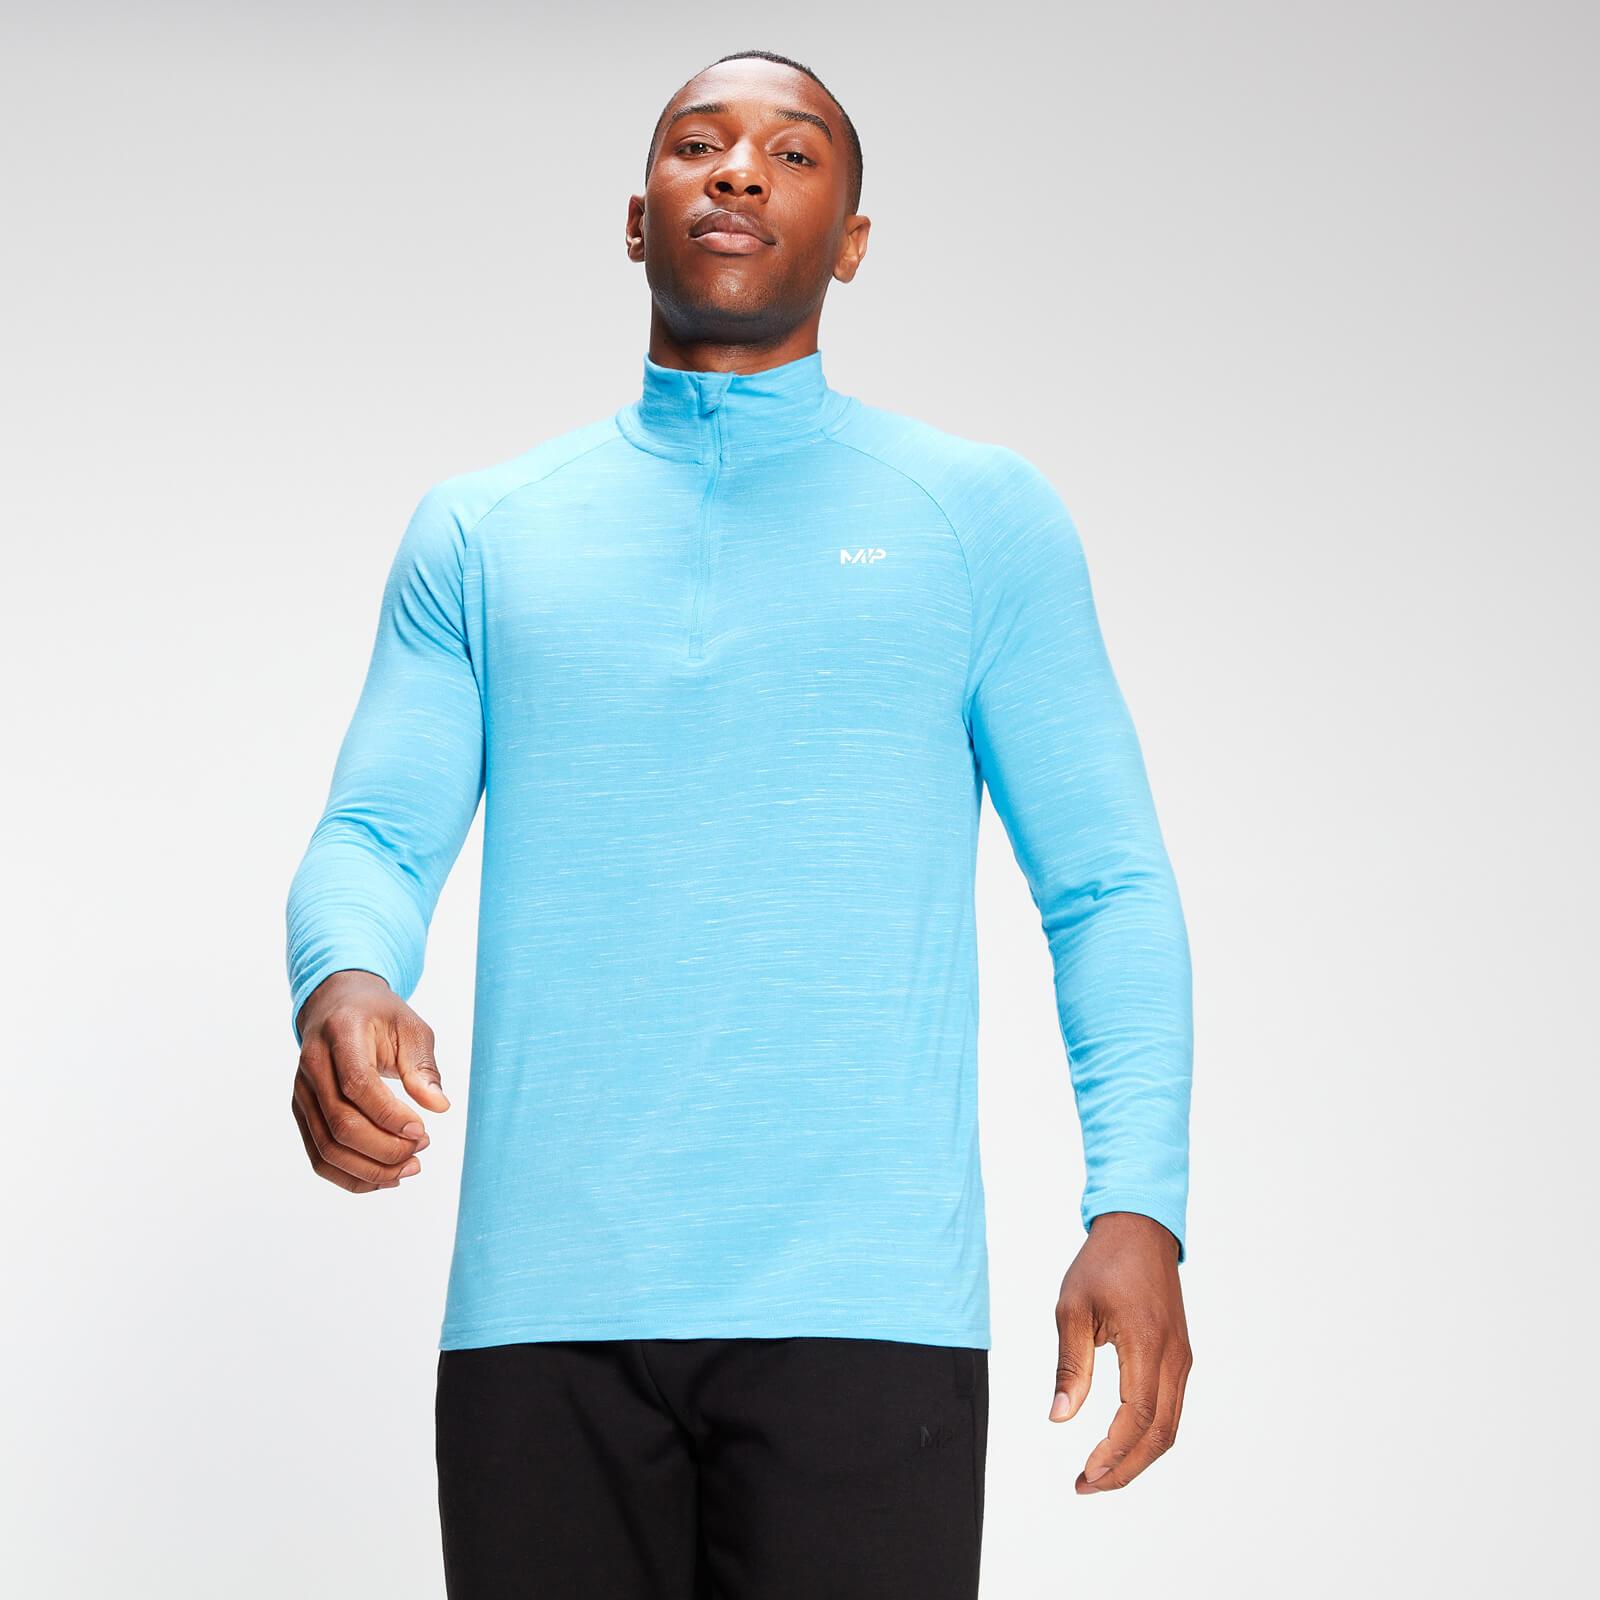 Купить MP Men's Performance 1/4 Zip Top - Bright Blue Marl - XXS, Myprotein International